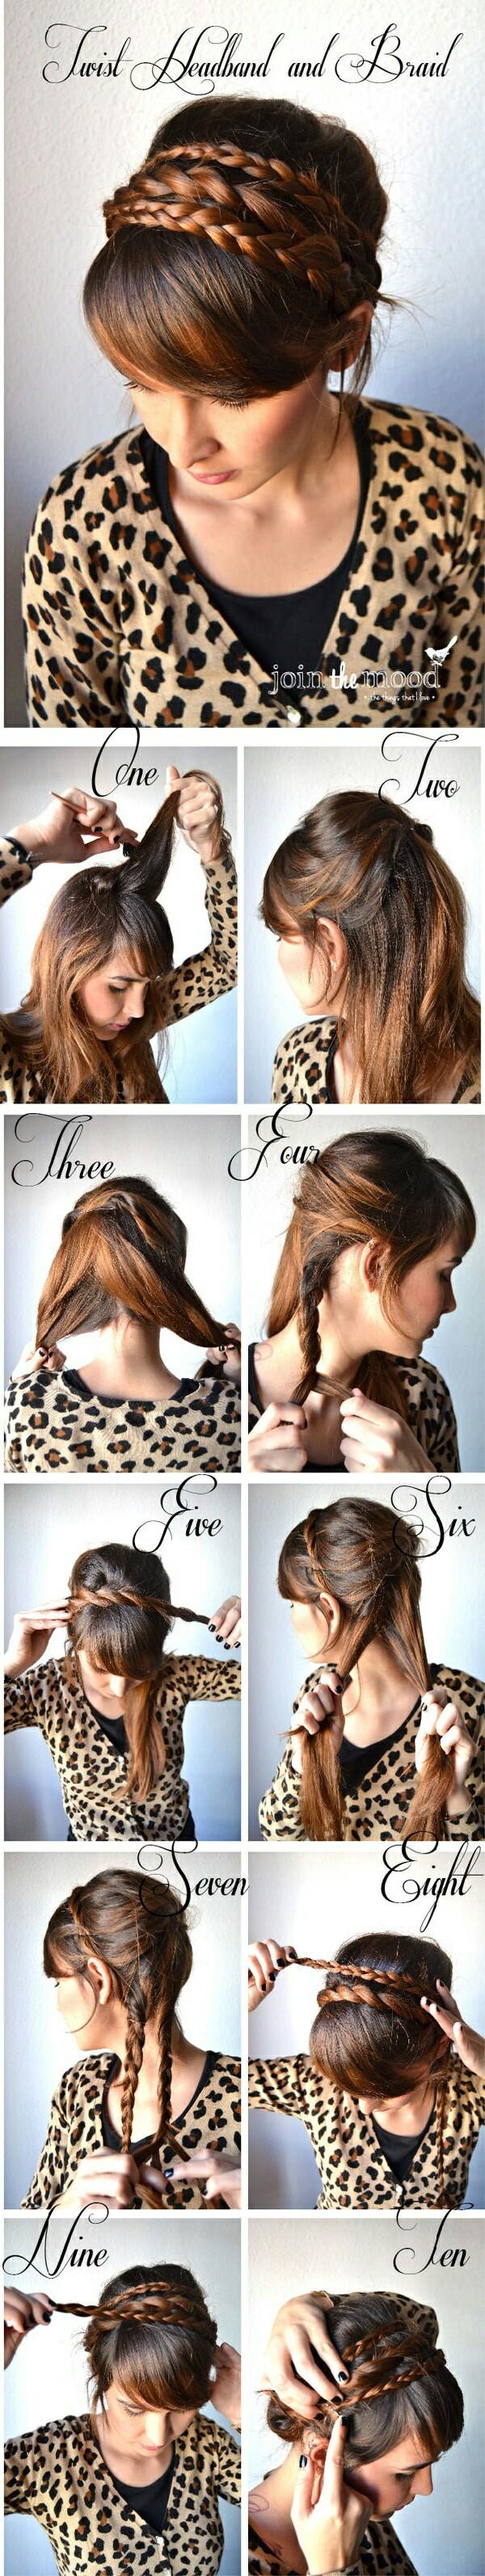 Как сделать причёску как у леи